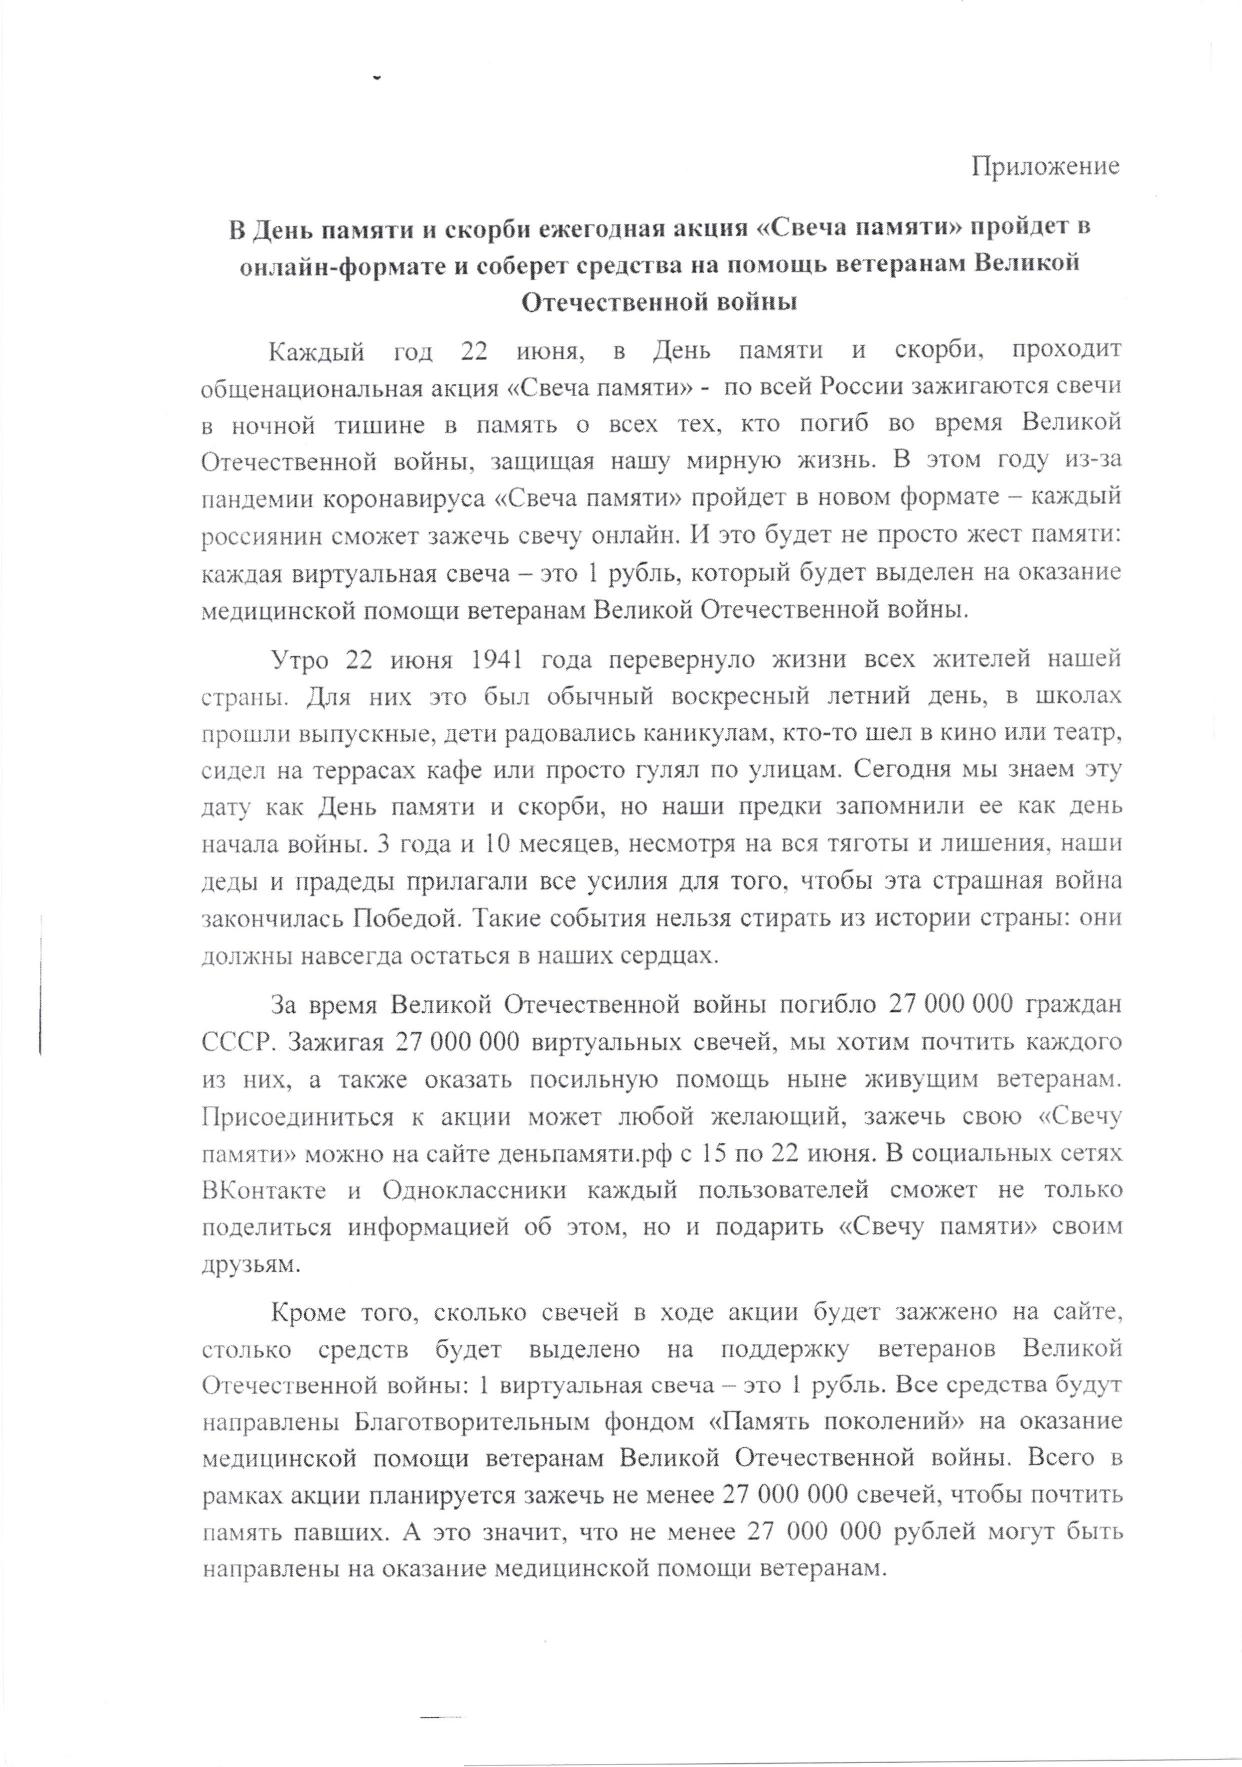 informacija_page-0002.jpg